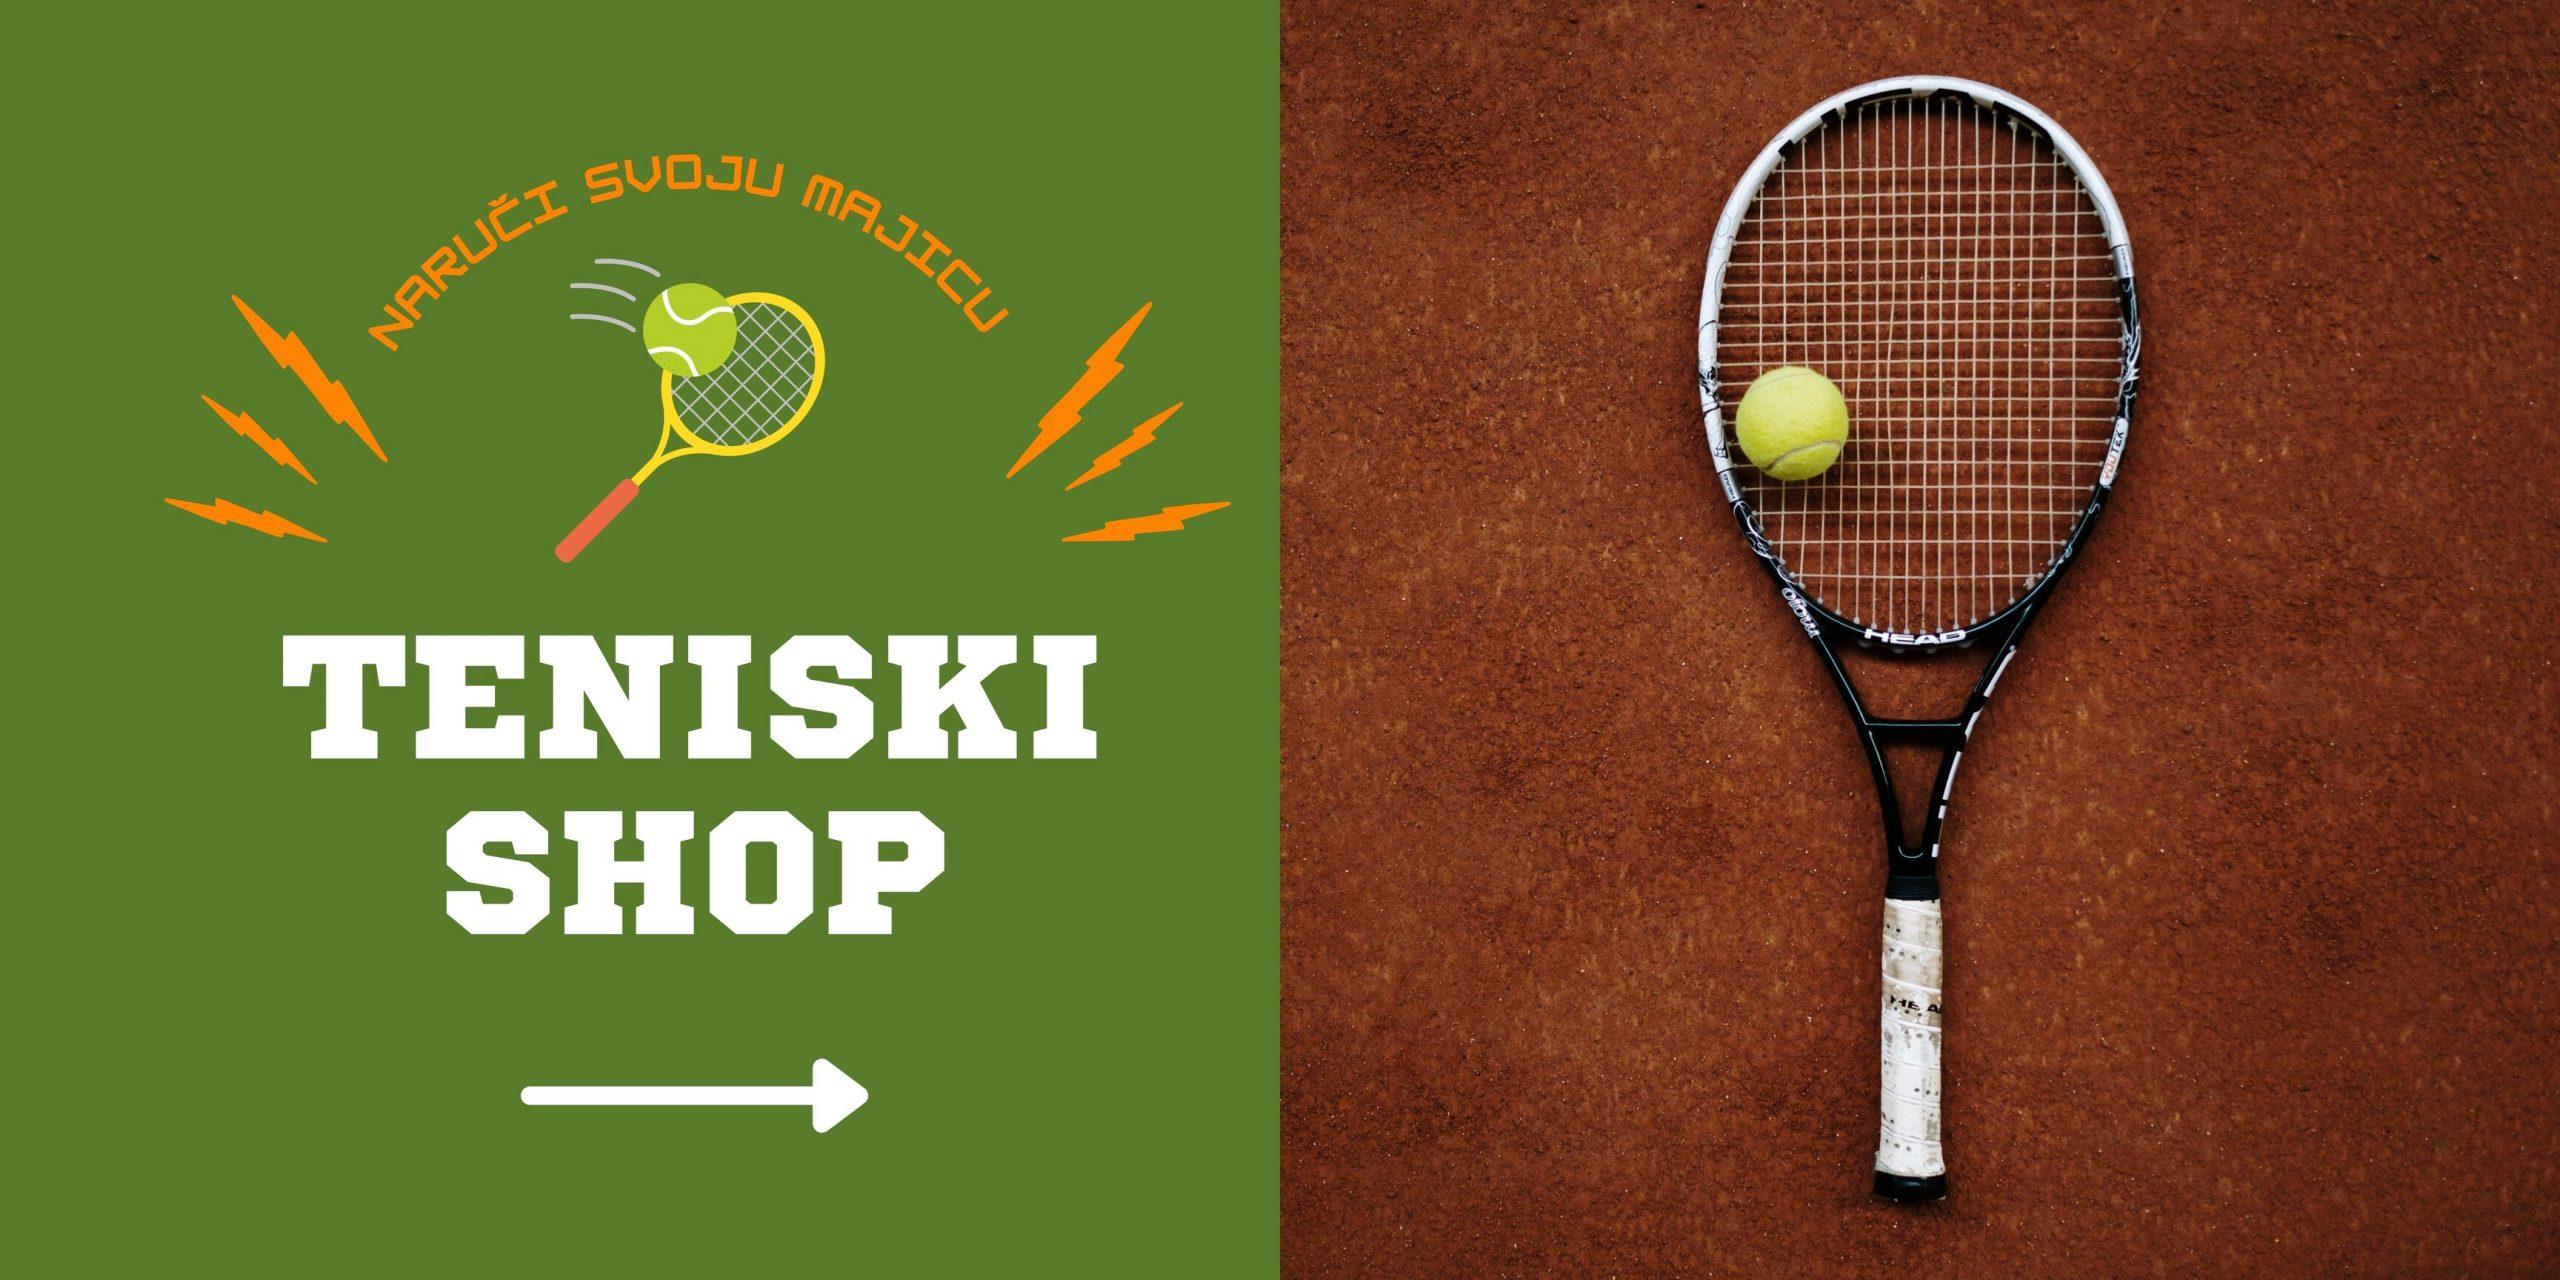 teniski shop